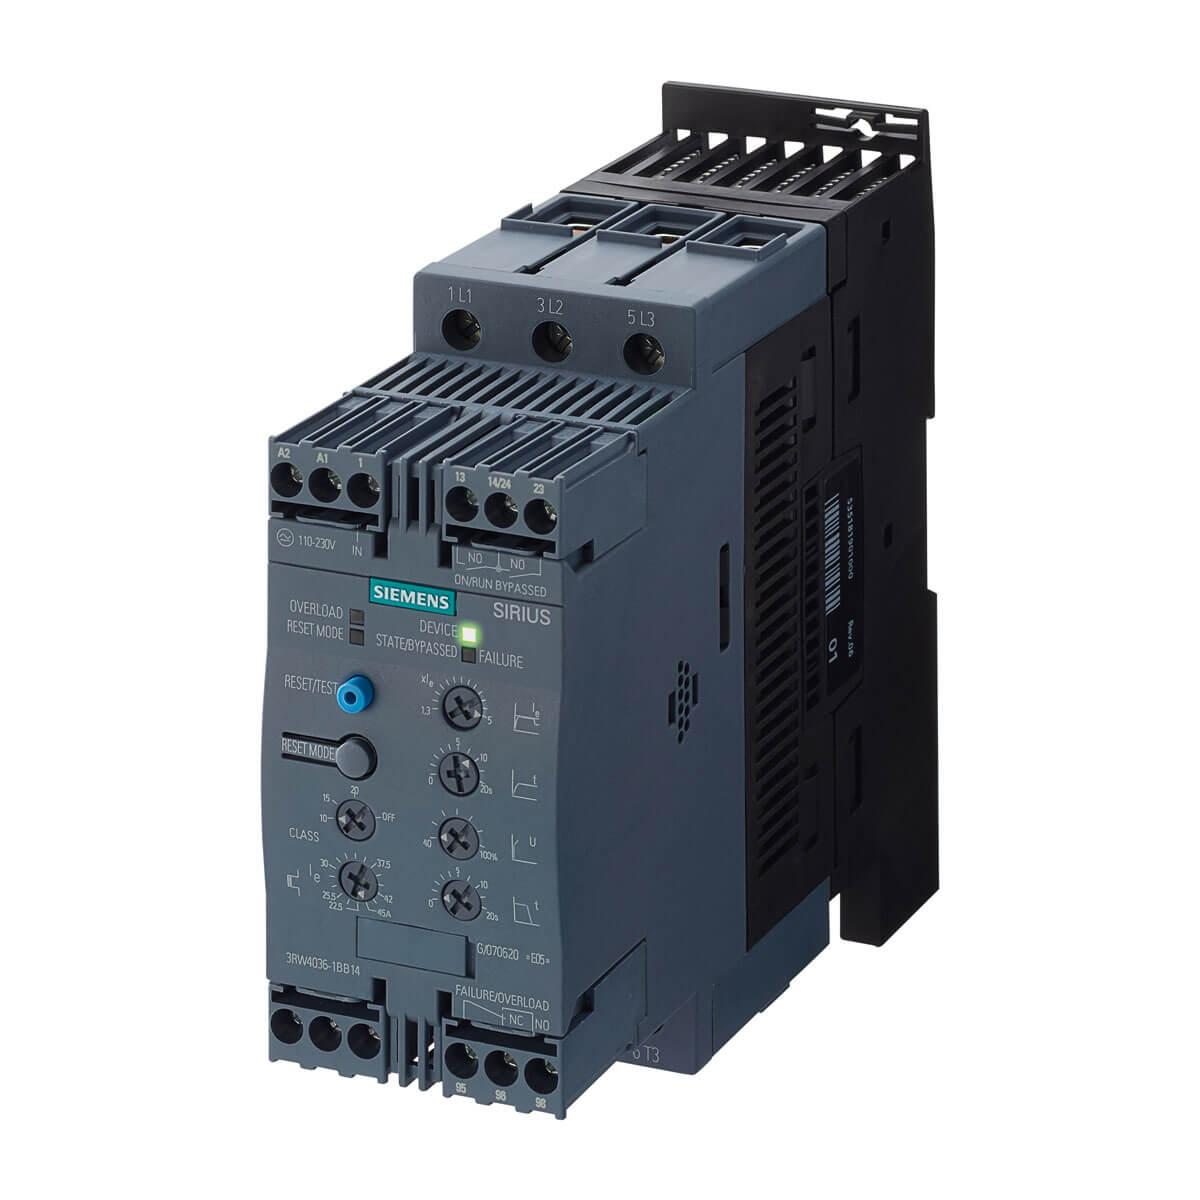 Arrancador Suave Sirius 3RW40 Prestaciones Avanzadas | Siemens